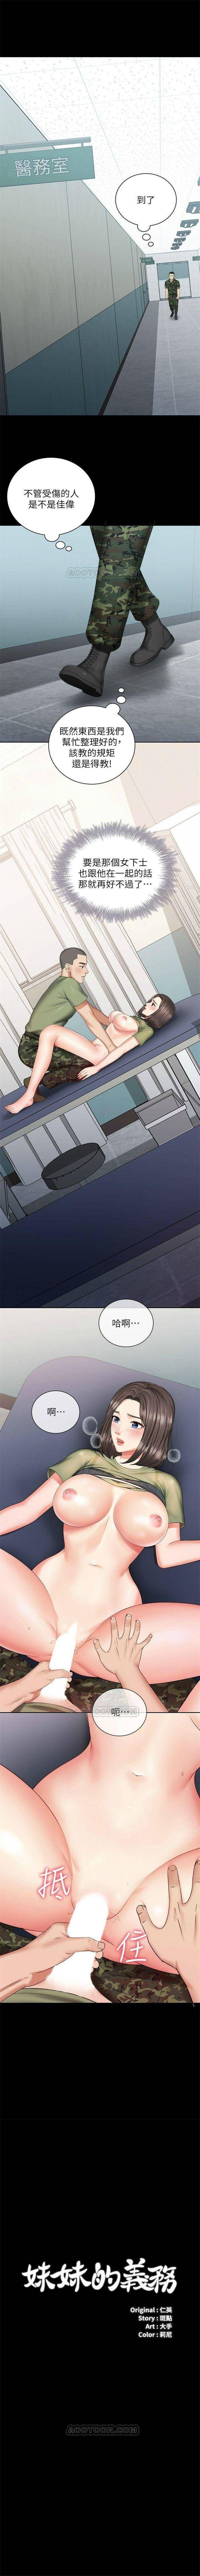 (週6)妹妹的義務 1-19 中文翻譯(更新中) 119